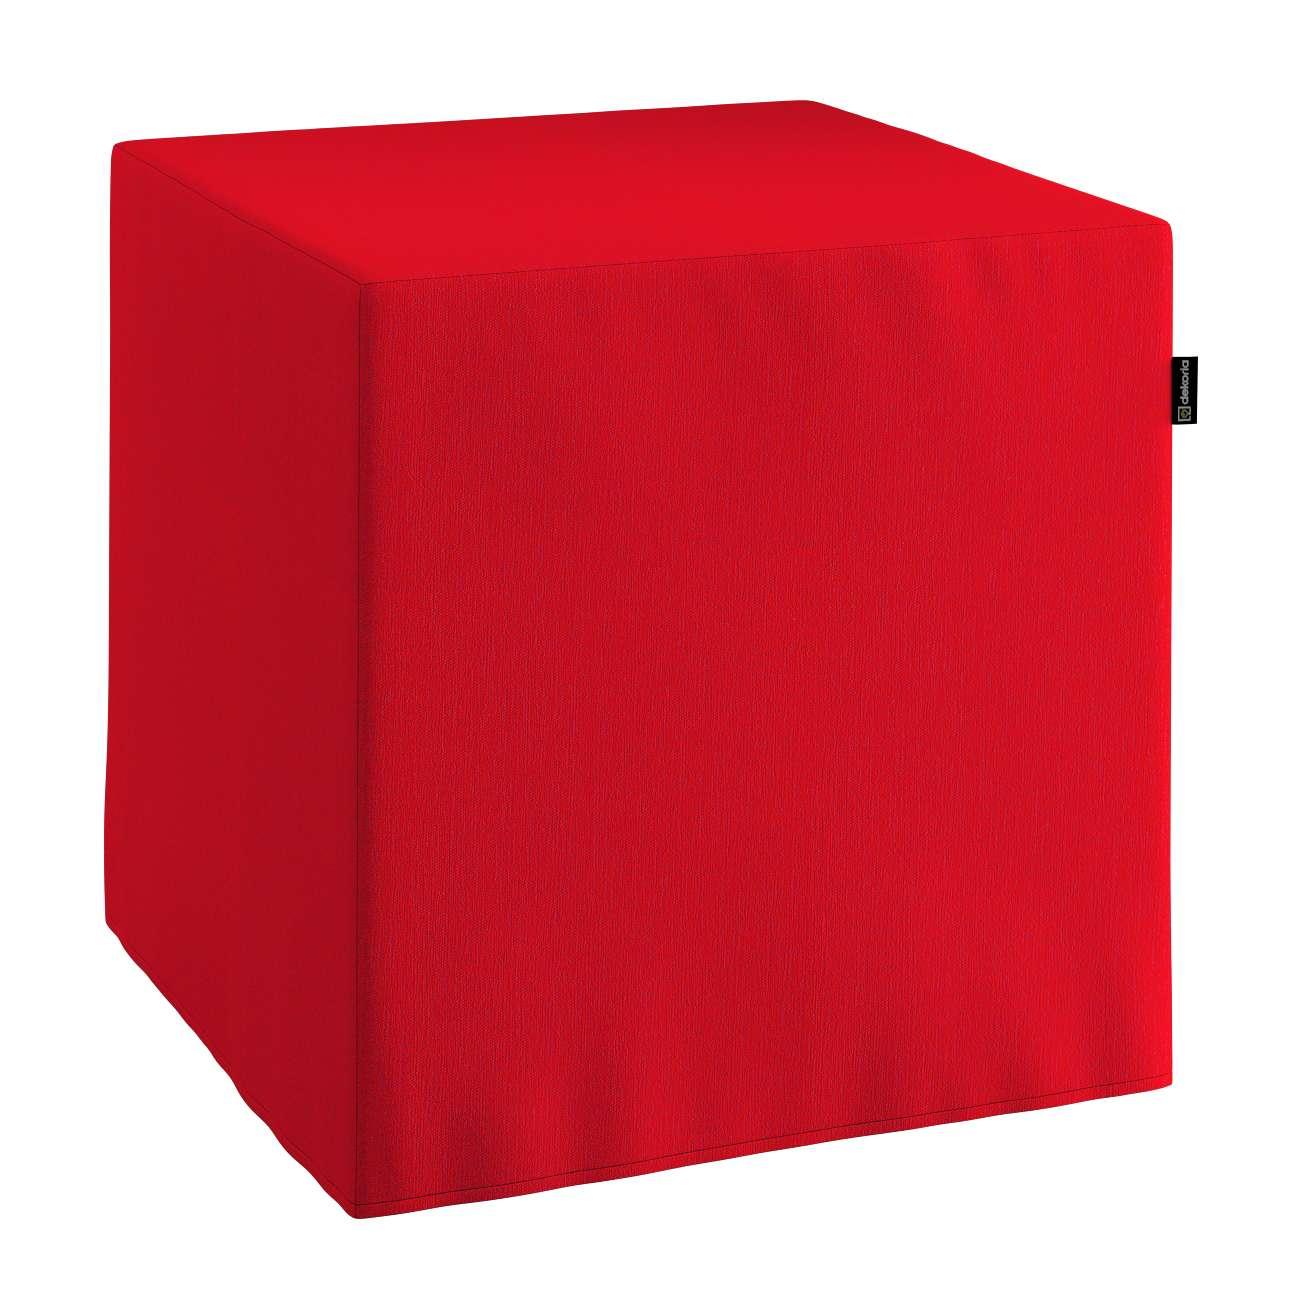 Pufo užvalkalas 40x40x40 cm kubas kolekcijoje Chenille, audinys: 702-24